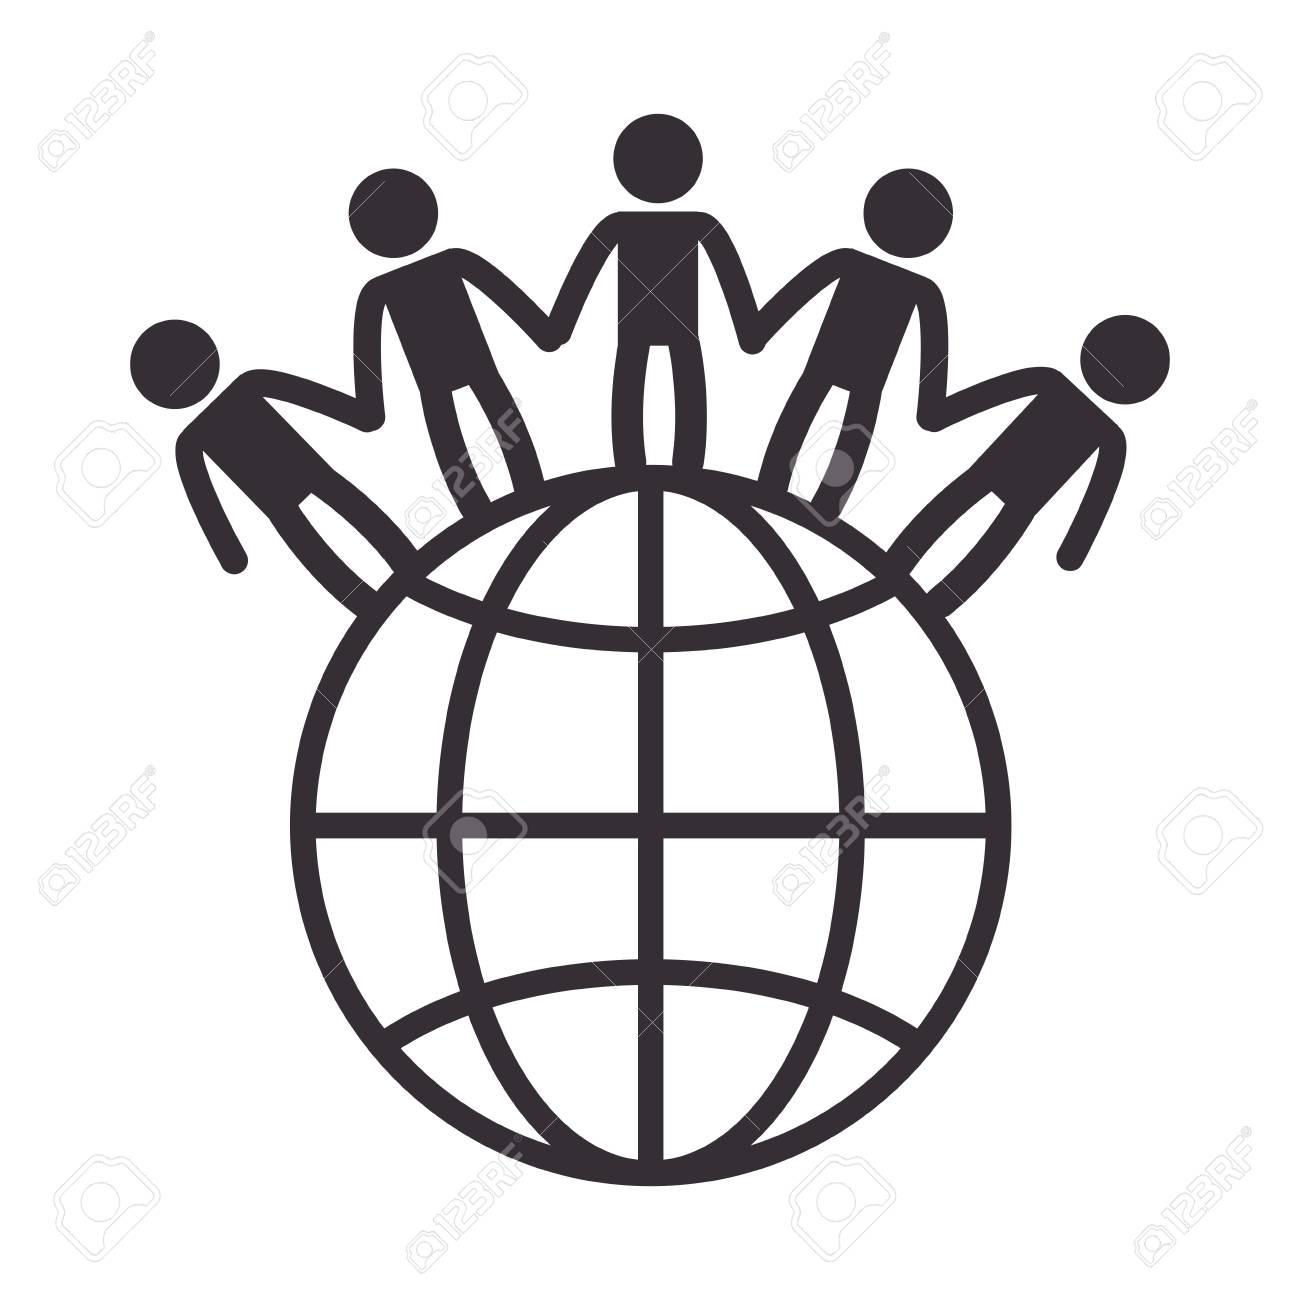 世界の人々 と惑星ベクター イラスト デザイン